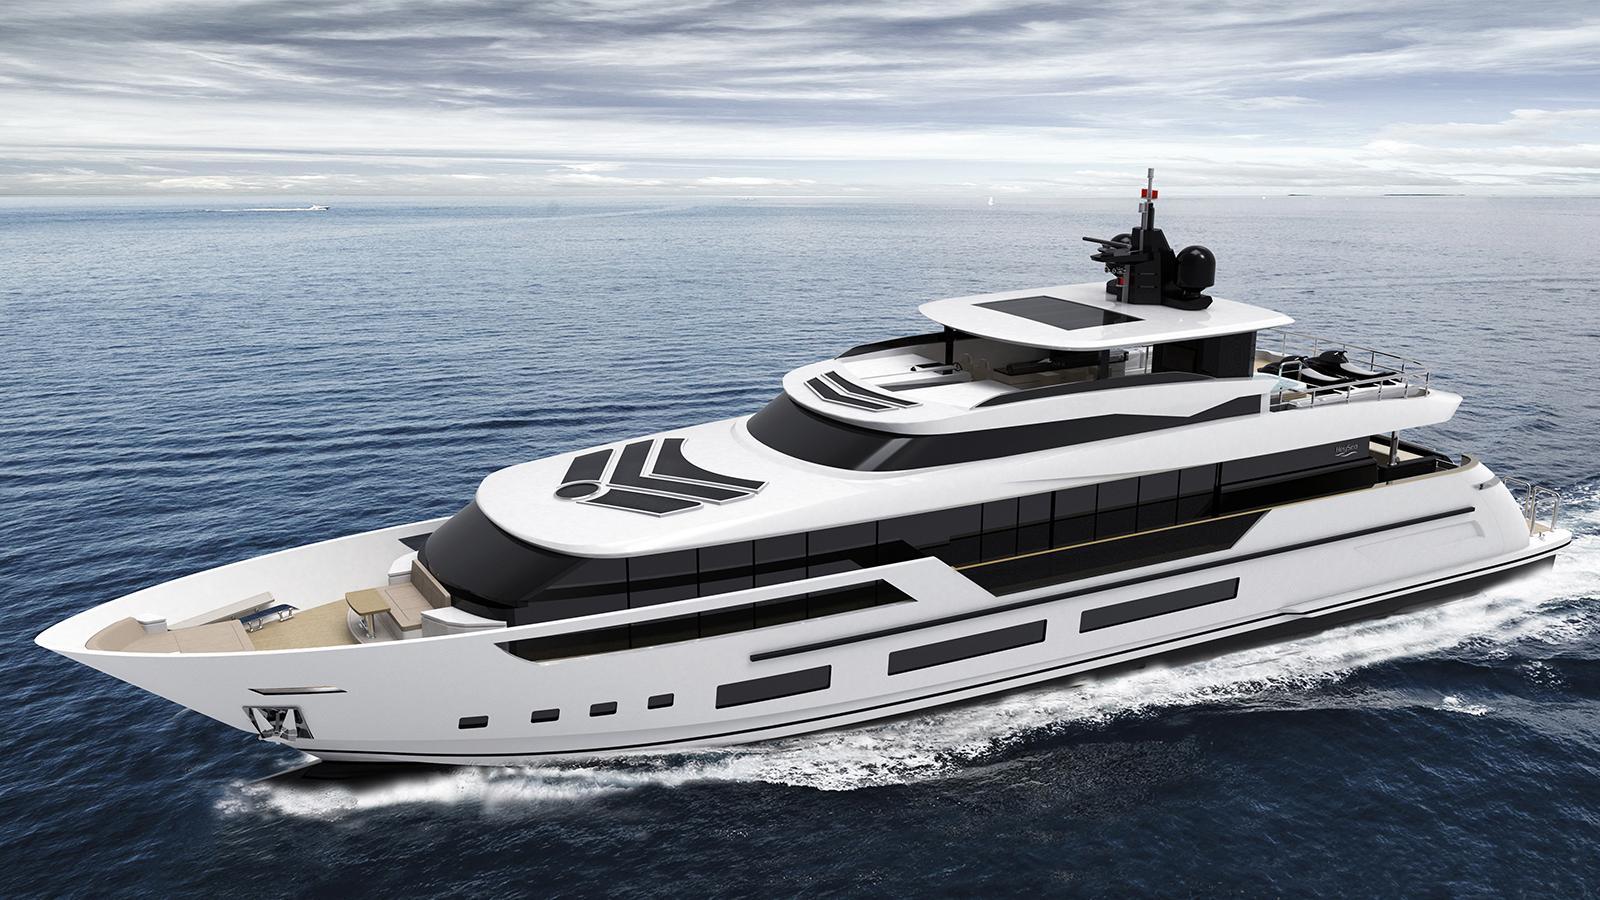 asteria 126 motoryacht heysea yachts 38m 2019 rendering